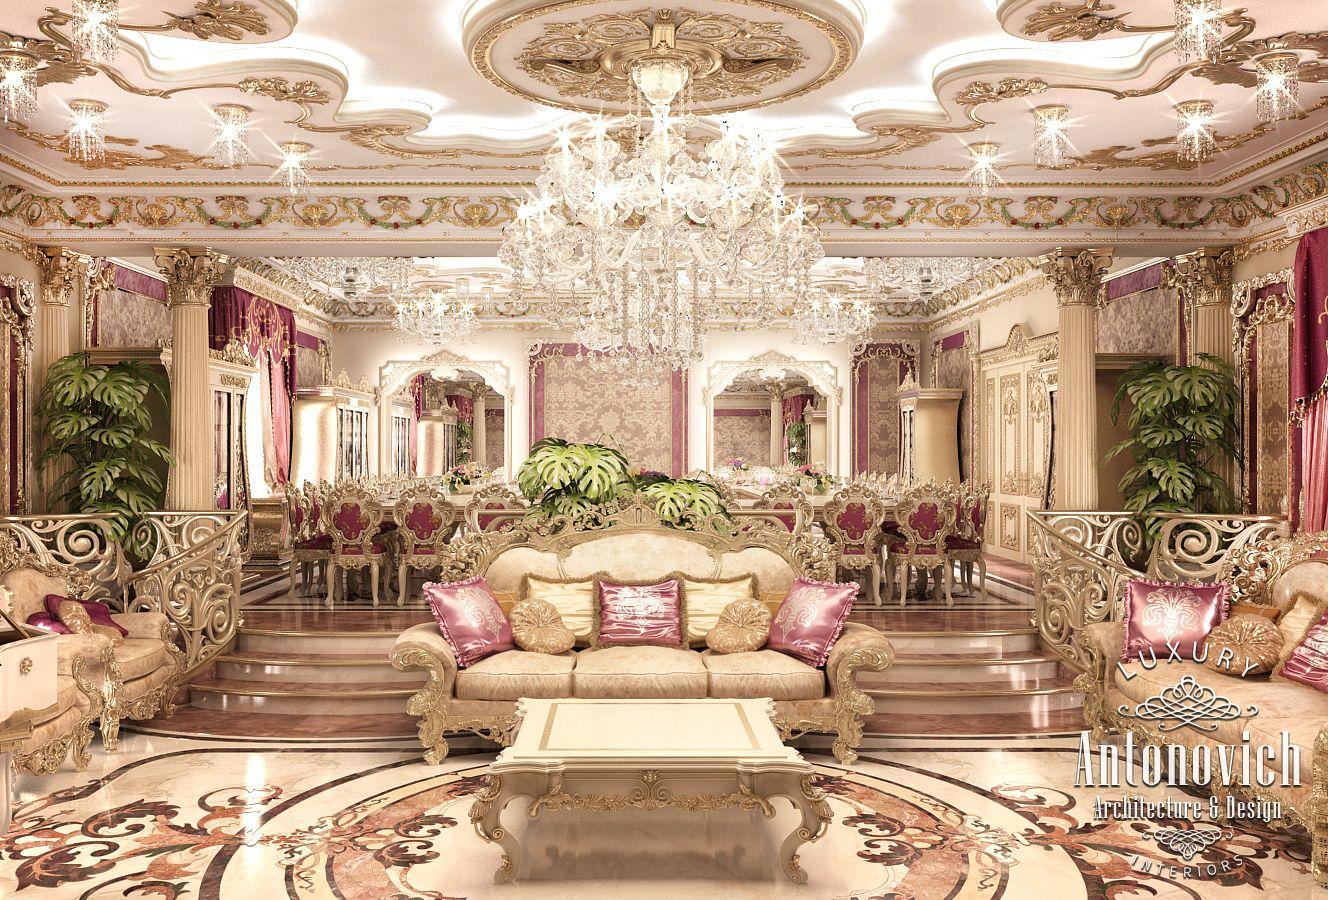 Luxury antonovich design uae 2015 for Villa esplanada interior design